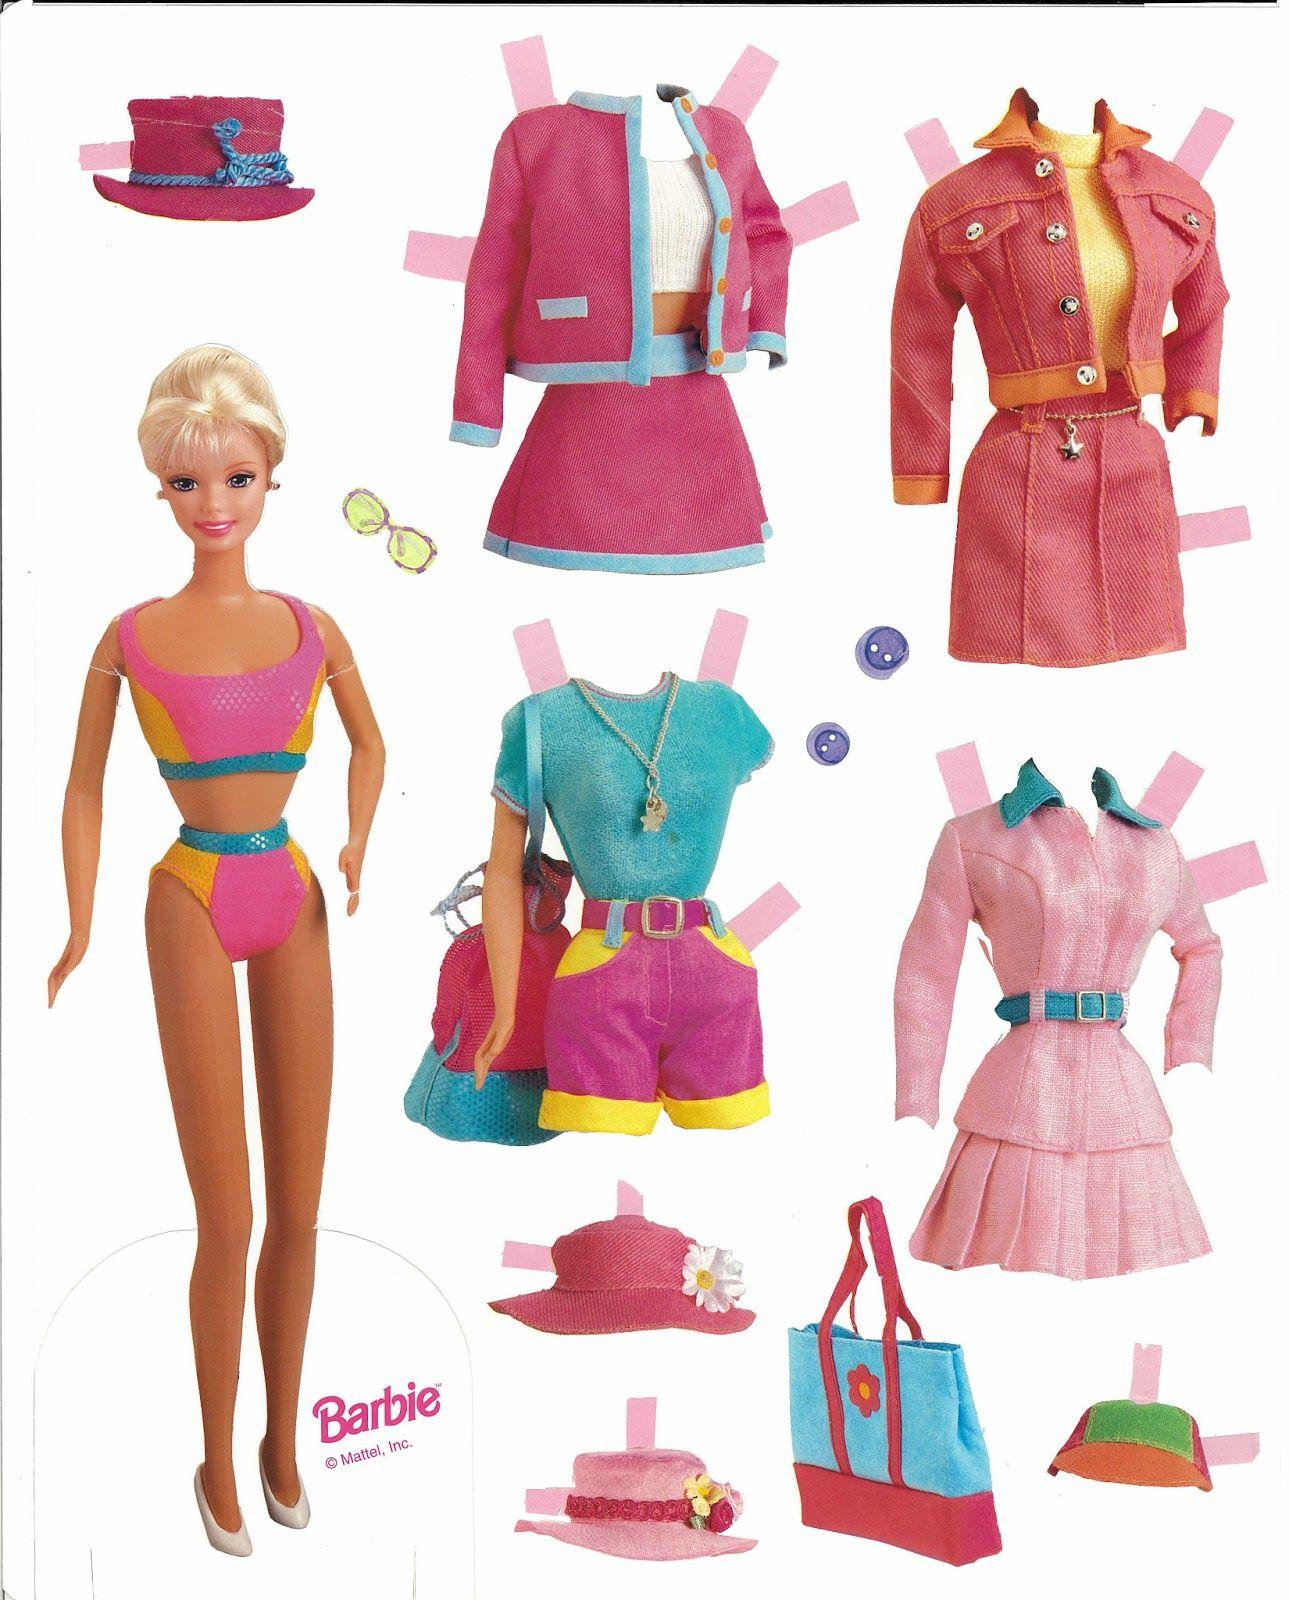 Bonecas De Papel Barbie Com Roupas Para Imprimir Brinquedos De Papel Roupas Para Bonecas Barbie Roupas Para Bonecas Roupas De Boneca De Papel